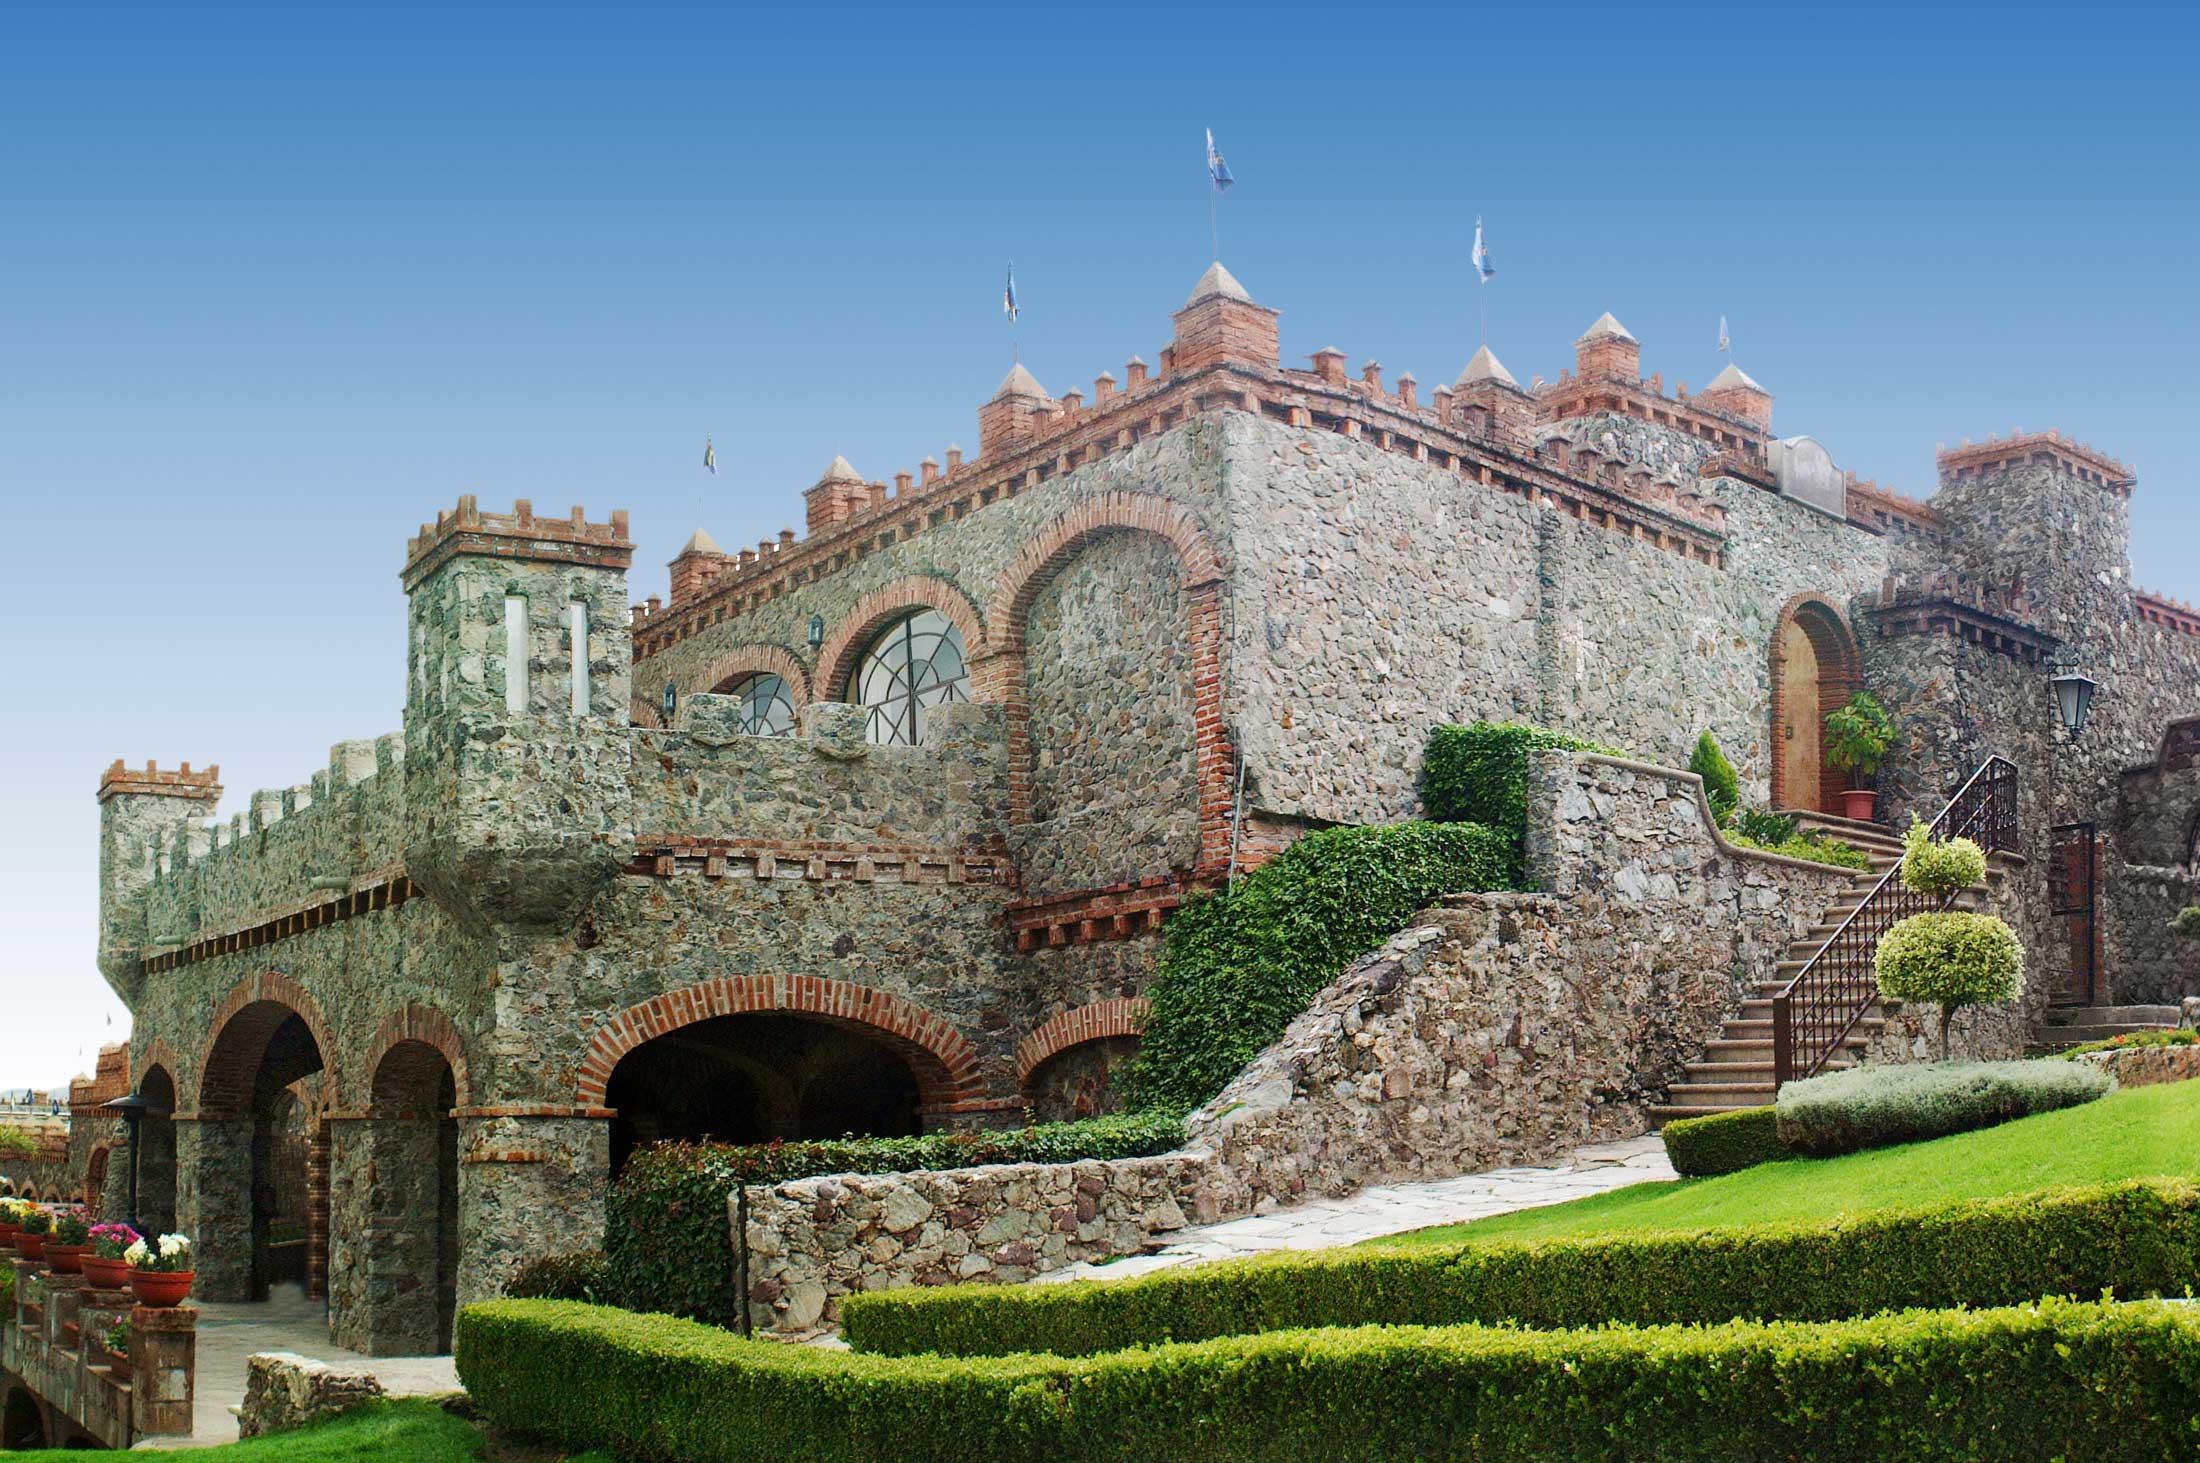 castillo en venta mexico